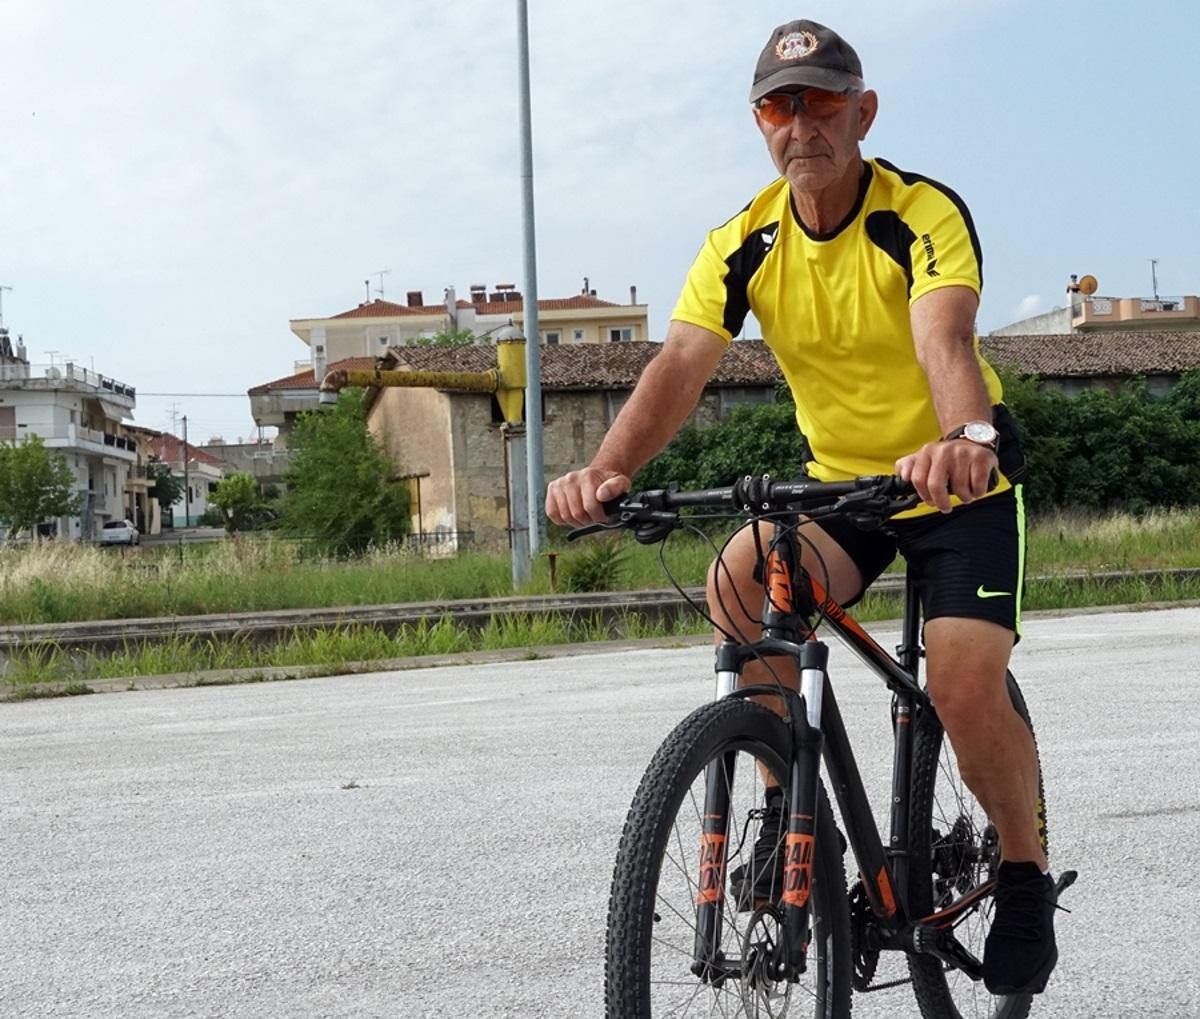 Δράμα: Αυτός ο 75χρονος διανύει πάνω από 100 χιλιόμετρα τη μέρα με το ποδήλατό του (pics)